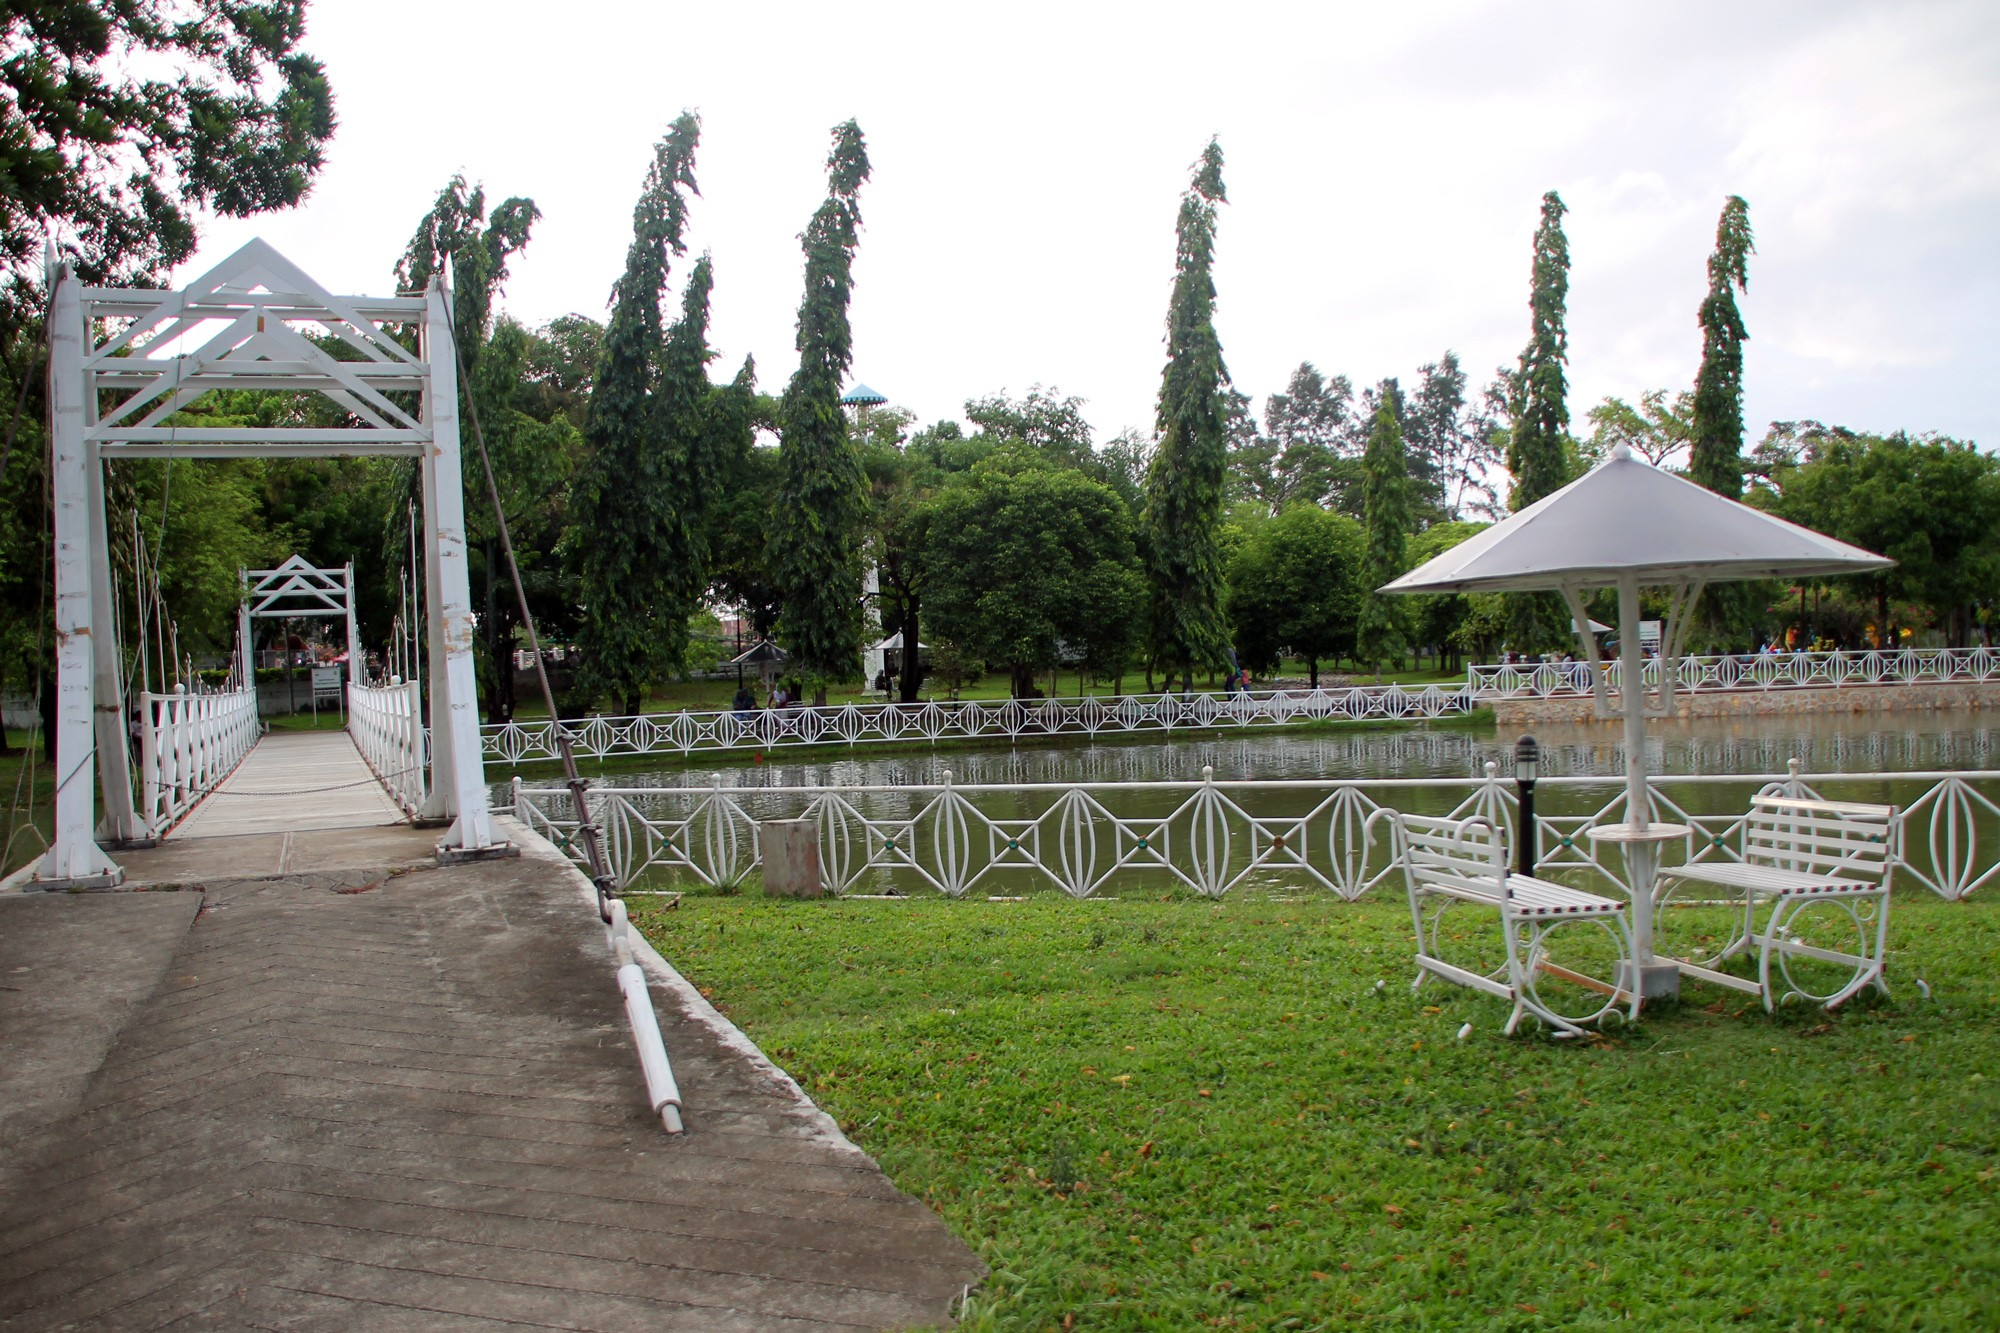 Sebagai sebuah taman kota, Taman Putroe Phang menawarkan sebuah wahana rekreasi keluarga